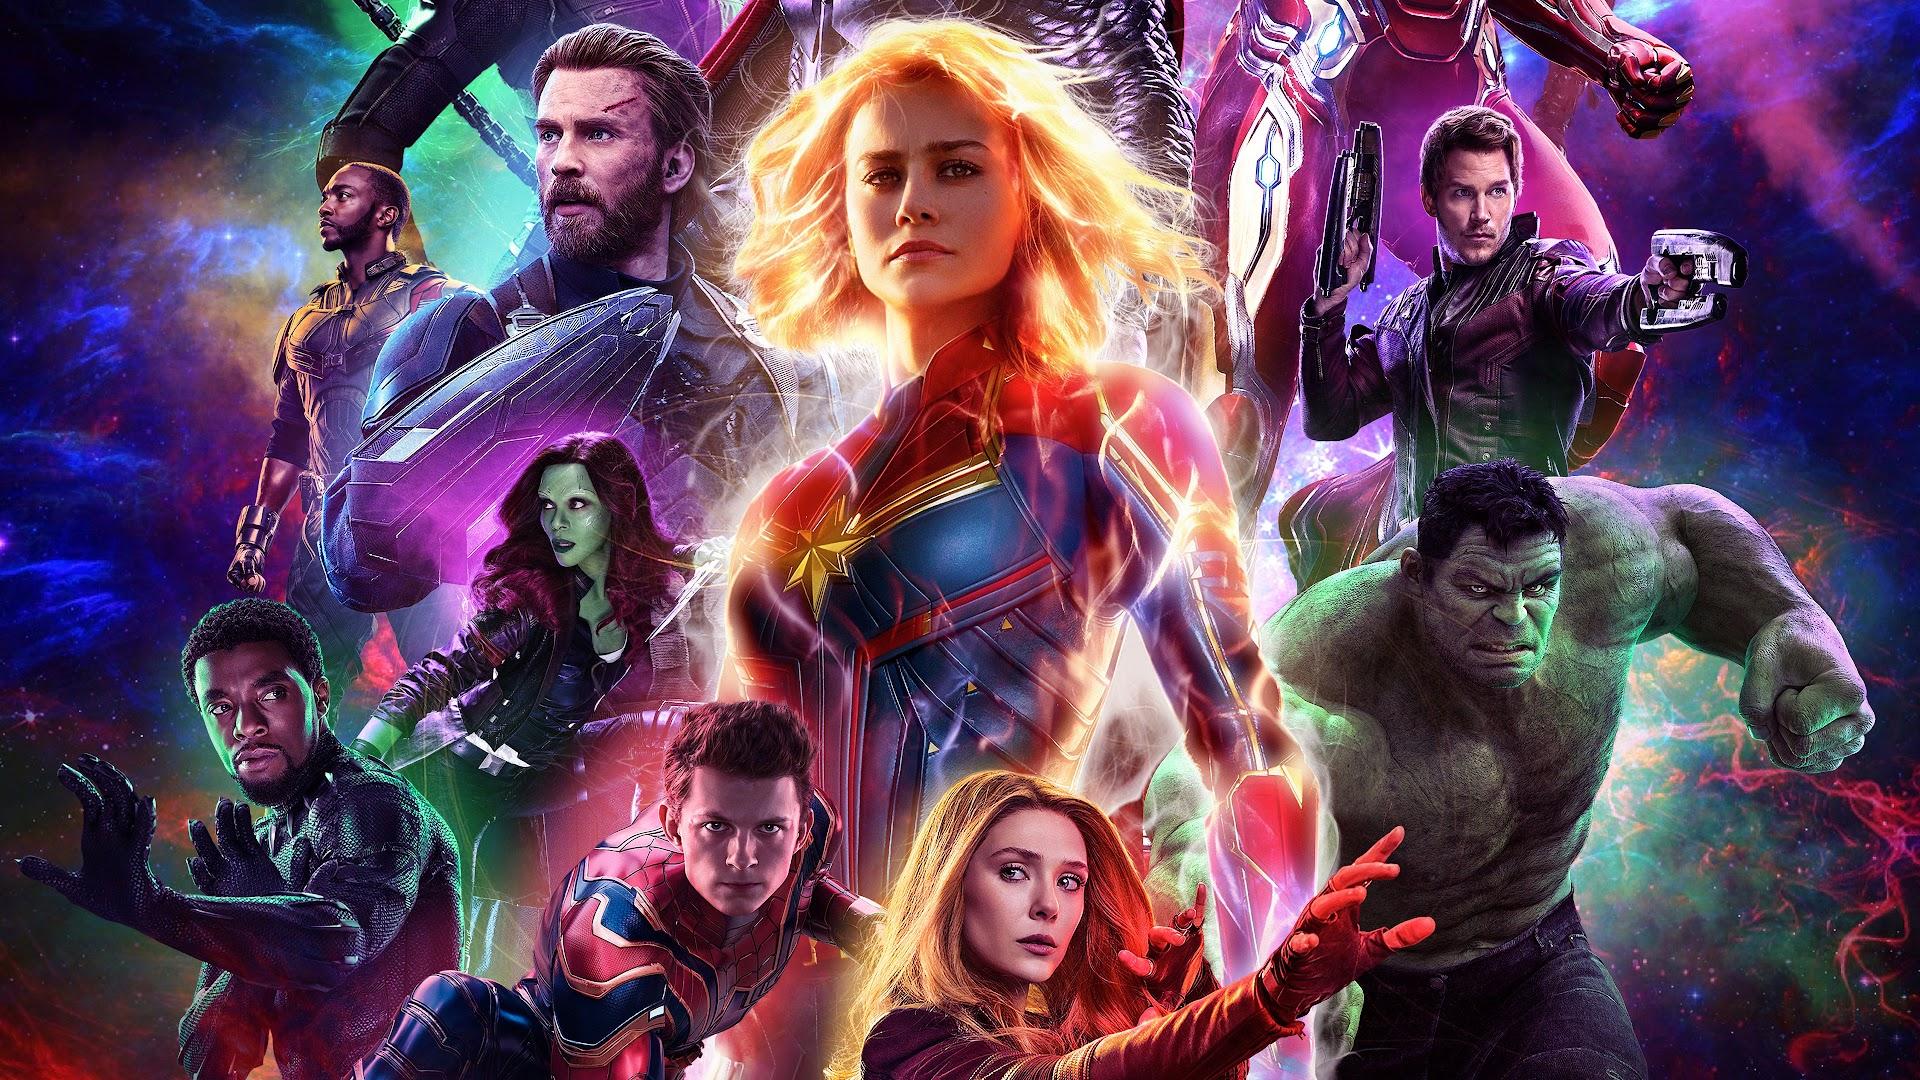 Avengers Endgame Characters 4k Wallpaper 48